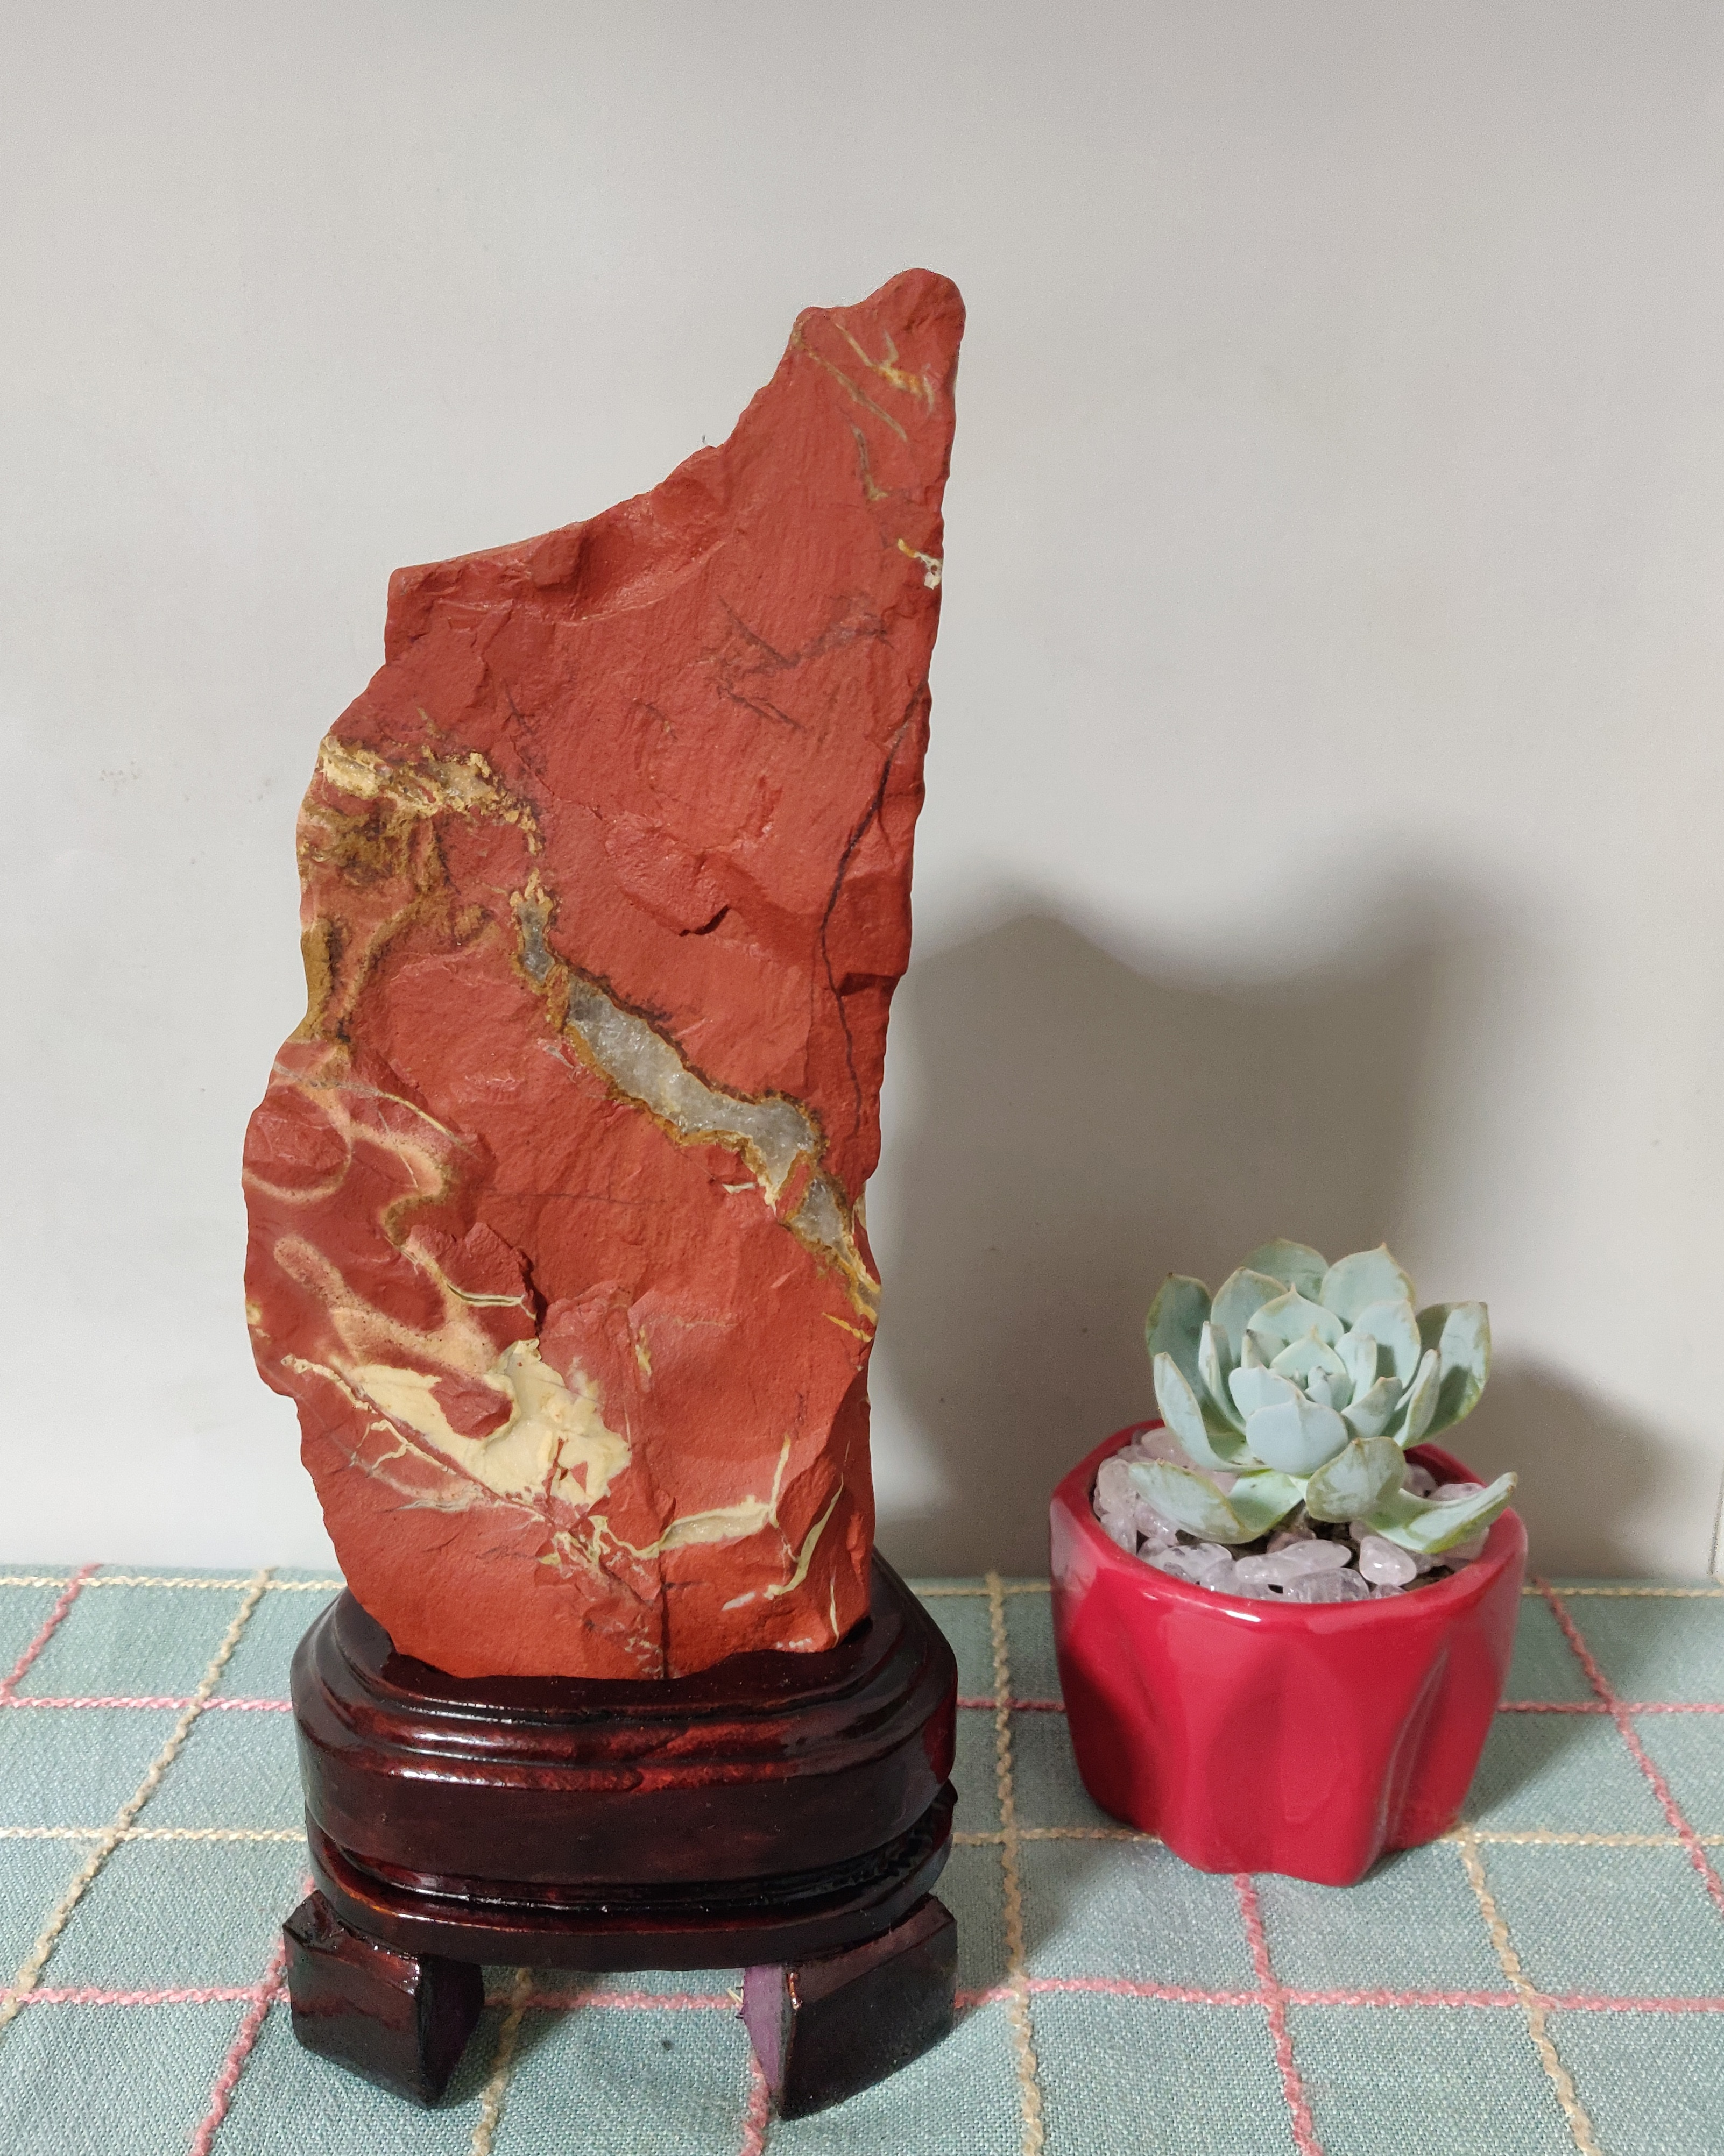 Big!1707g Natürliche oriental jasper mineral probe steine und kristalle healing kristalle quarz edelsteine Senden basis kostenloser versand